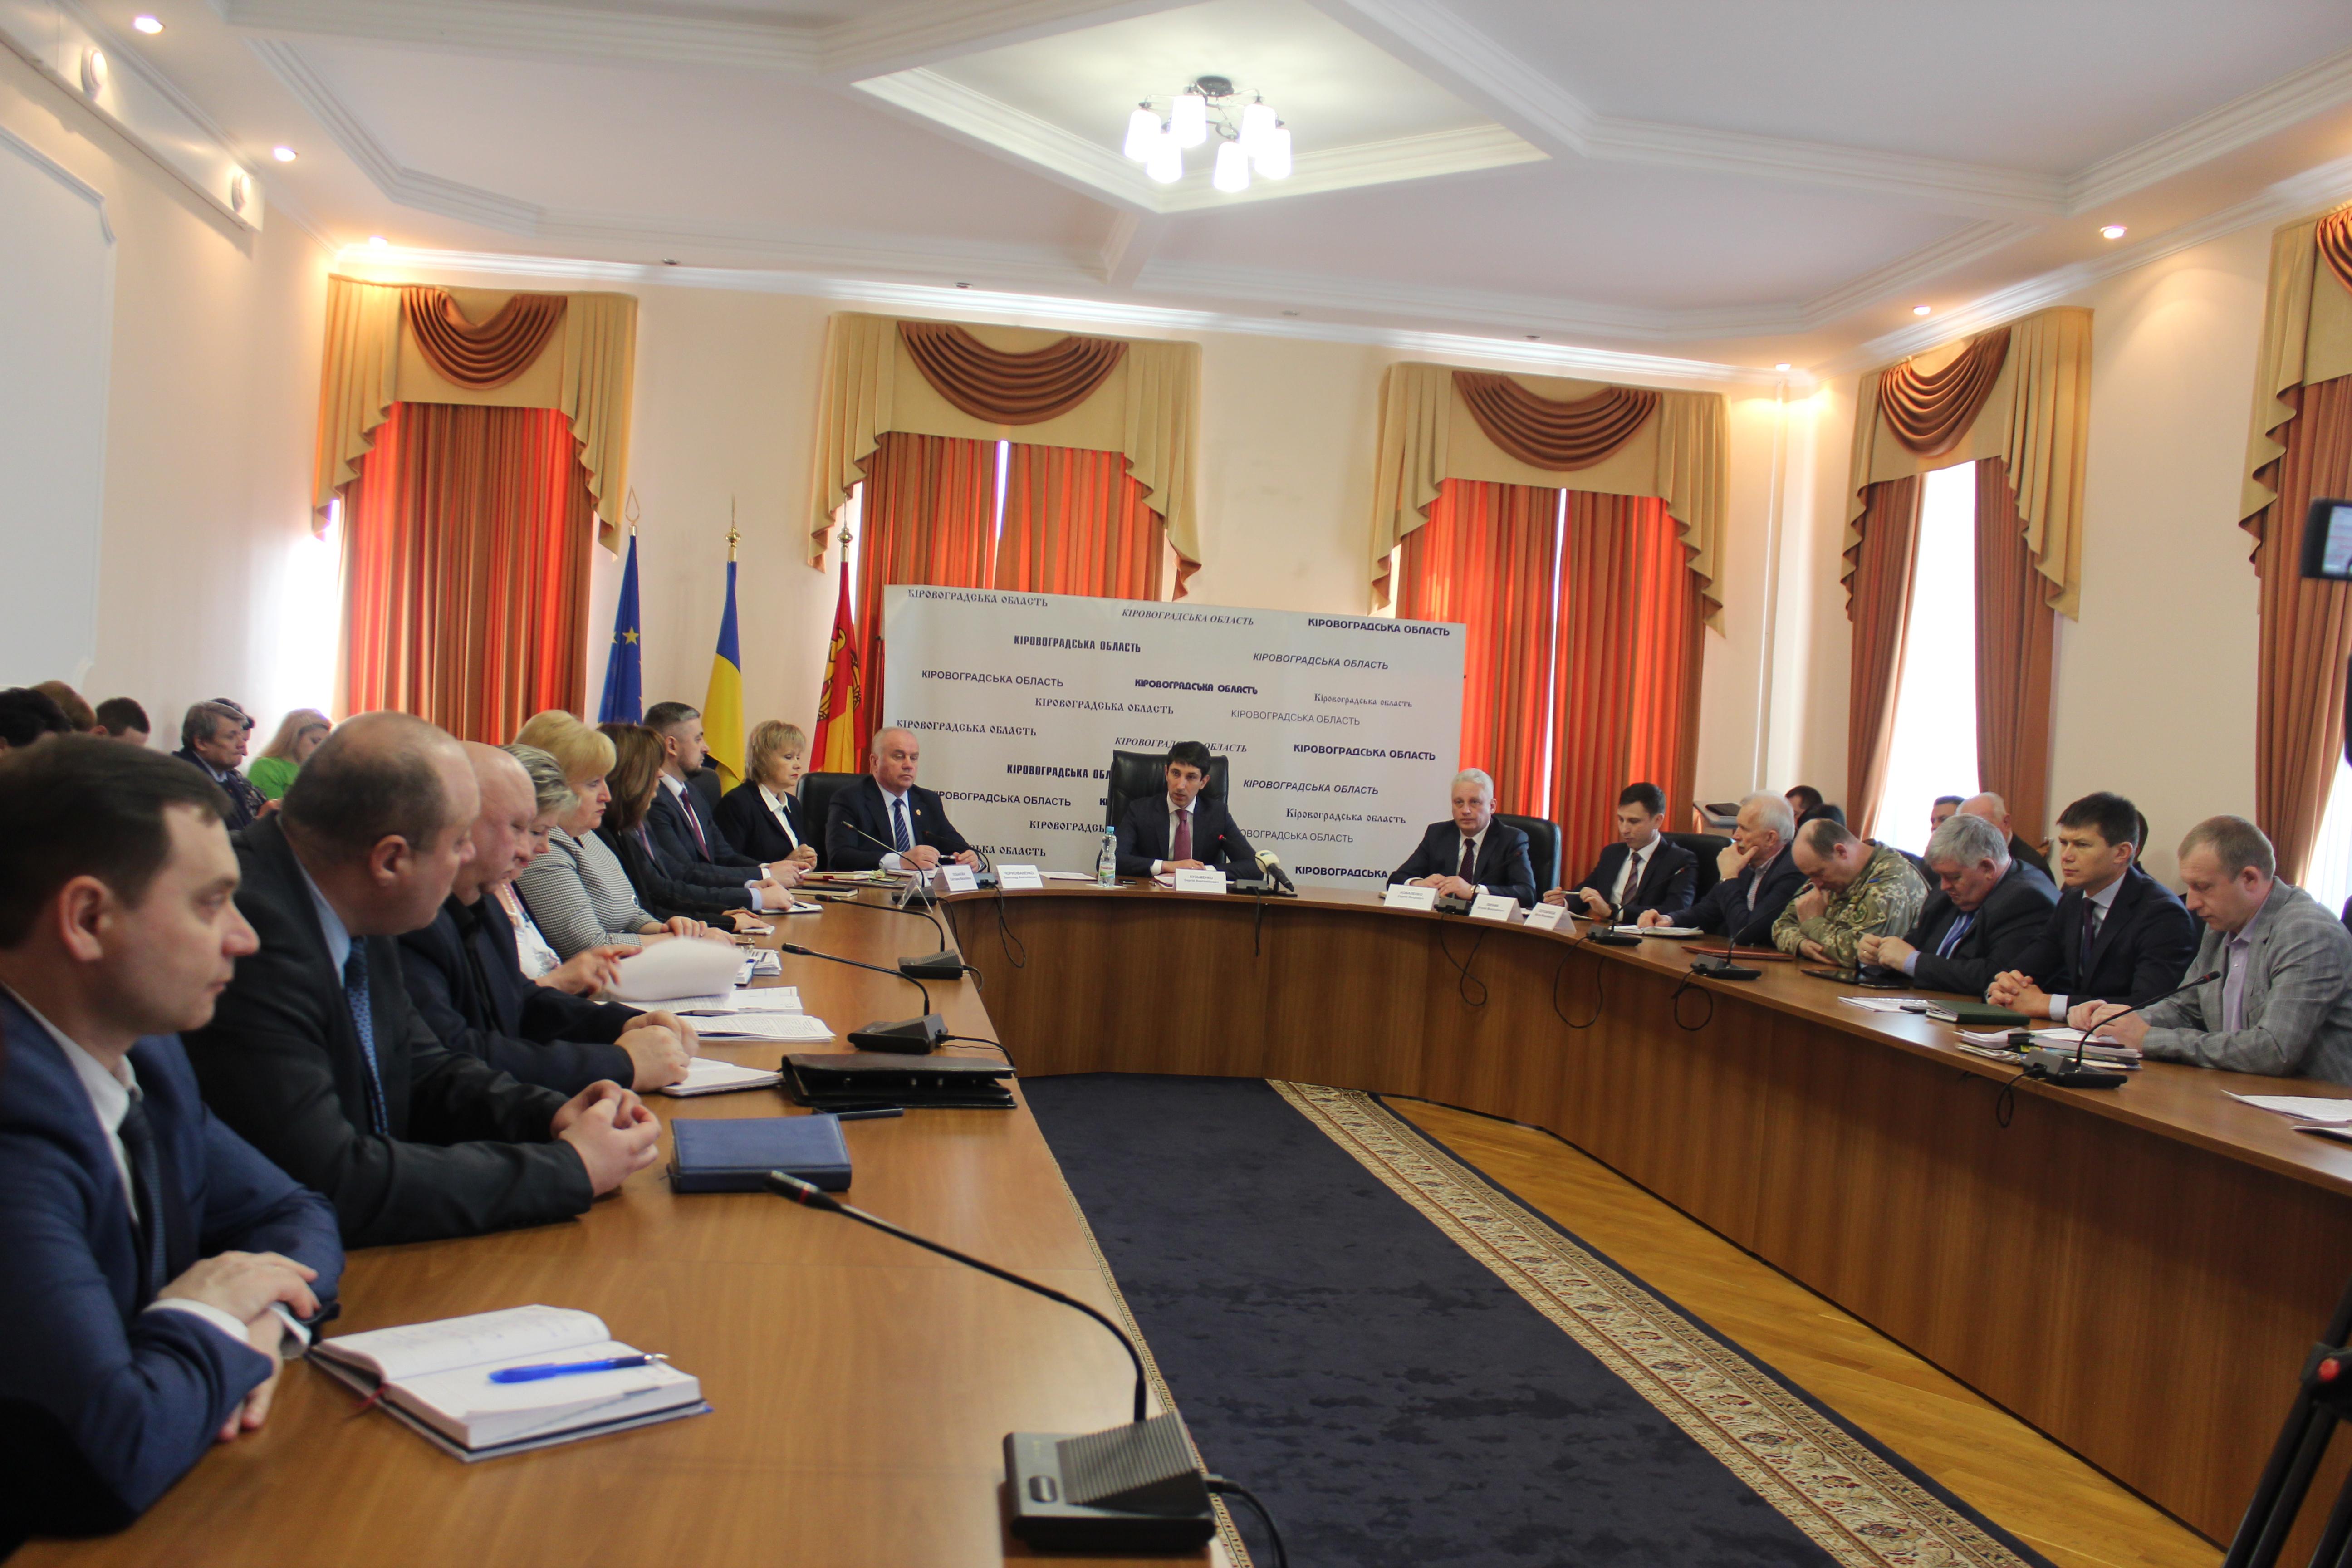 Скільки планується витратити на програму енергоефективності в ОСББ Кіровоградщини у поточному році